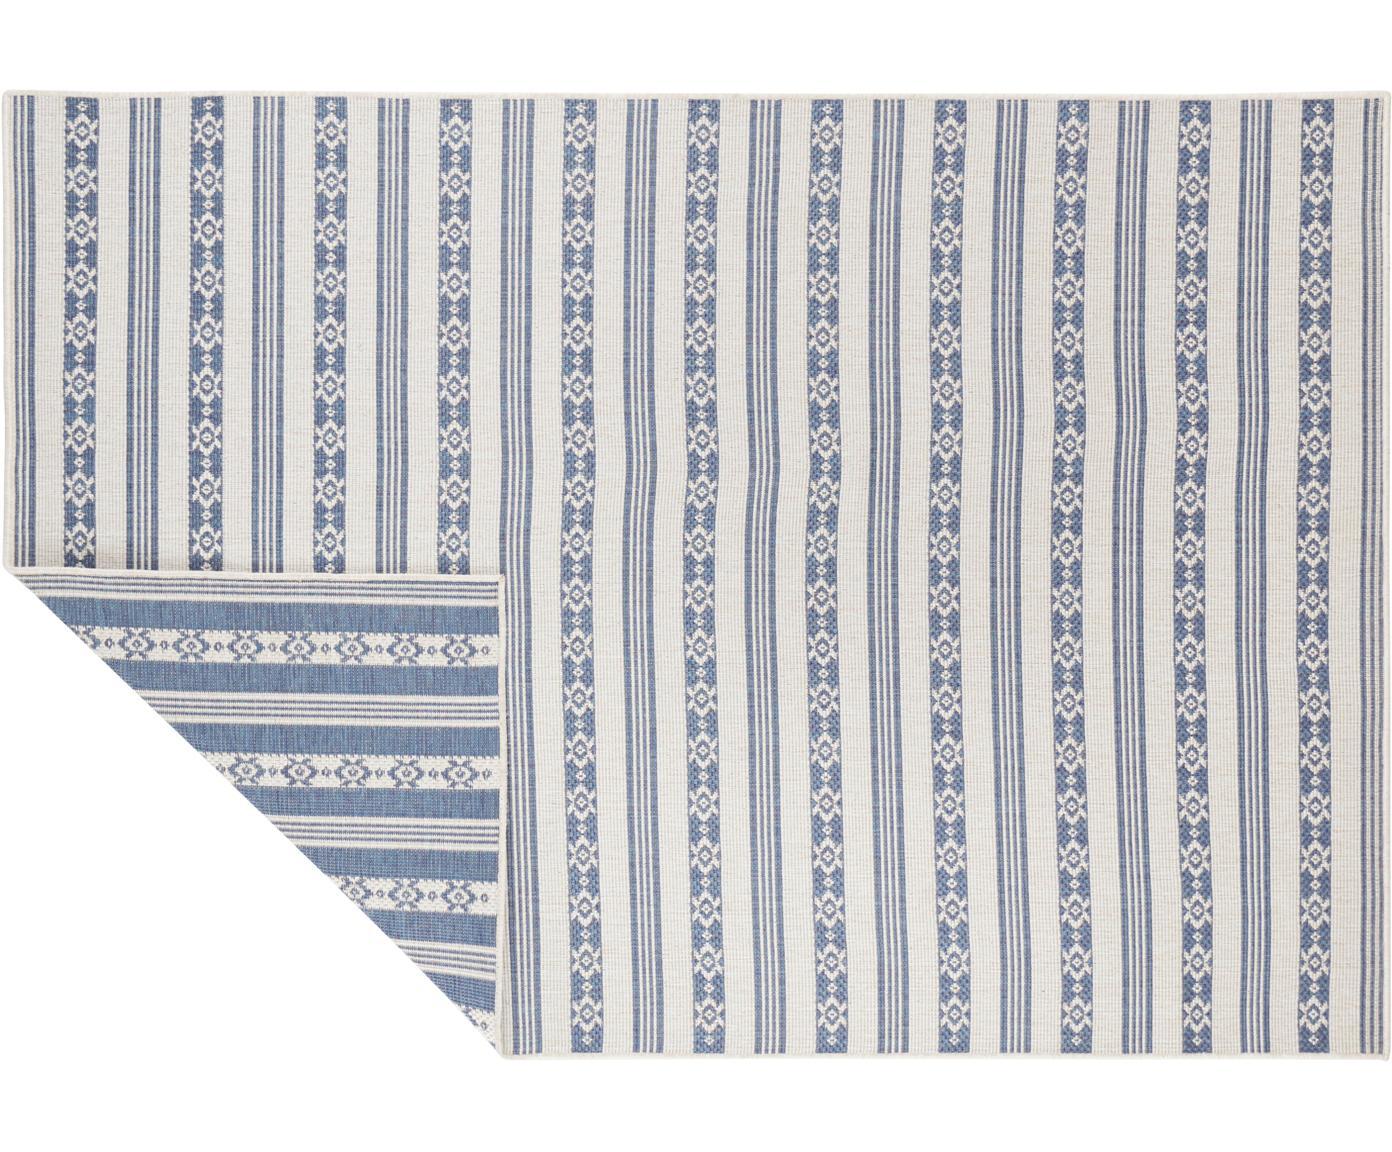 In- & Outdoor-Wendeteppich Fiji in Blau/Creme, 100% Polypropylen, Blau, Cremefarben, B 120 x L 170 cm (Größe S)